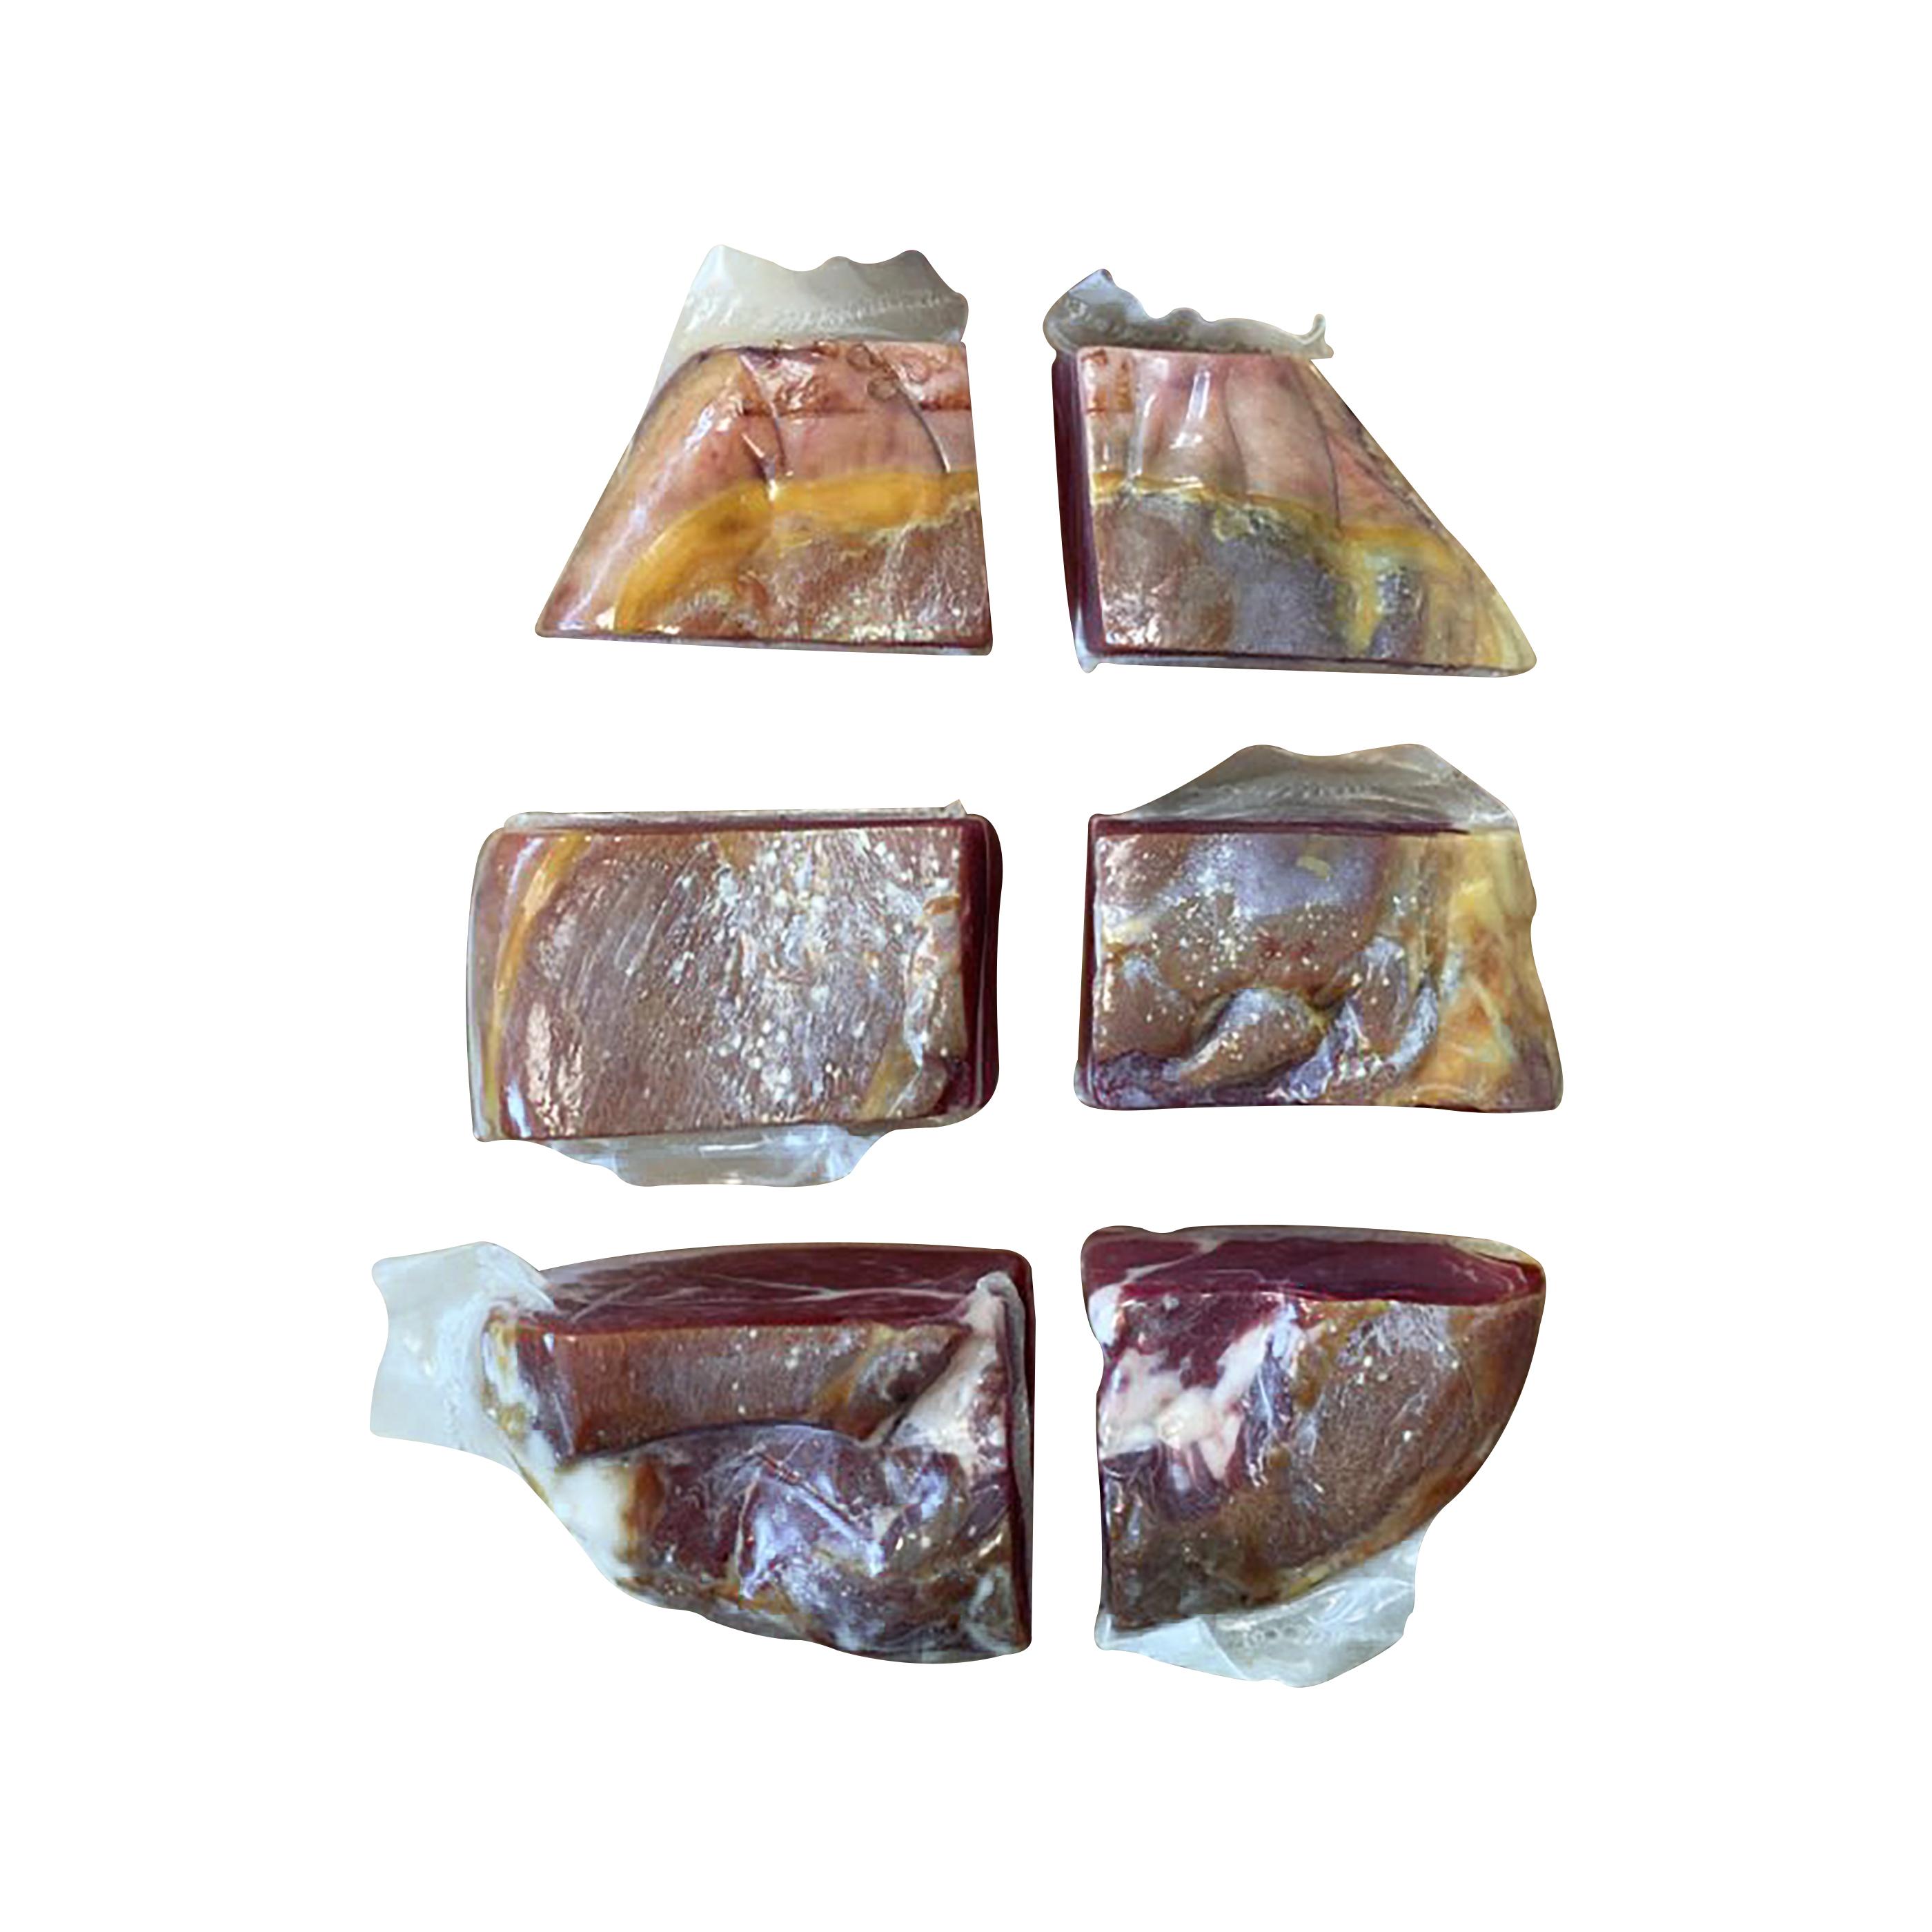 Fabrique Delices Jambon de Bayonne 6 pieces